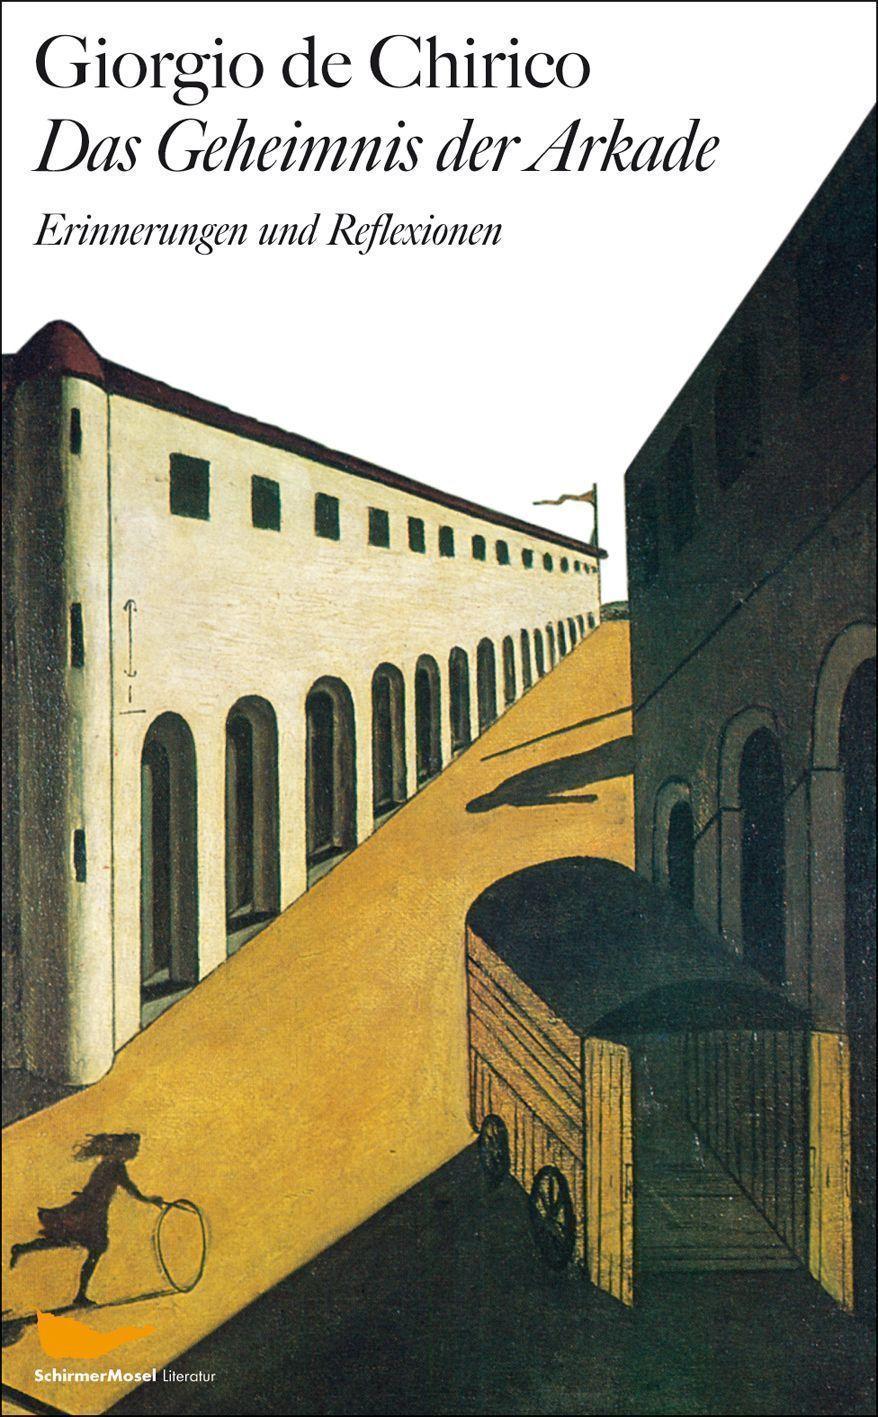 Giorgio de Chirico: Das Geheimnis der Arkade. Erinnerungen und Reflexionen, München 2011 (Schirmer/Mosel)